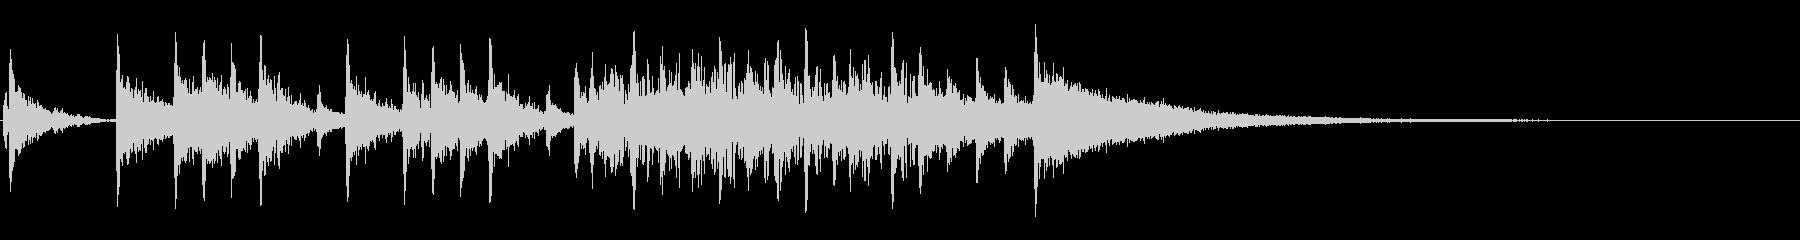 ハードロックのドラムソロジングルの未再生の波形